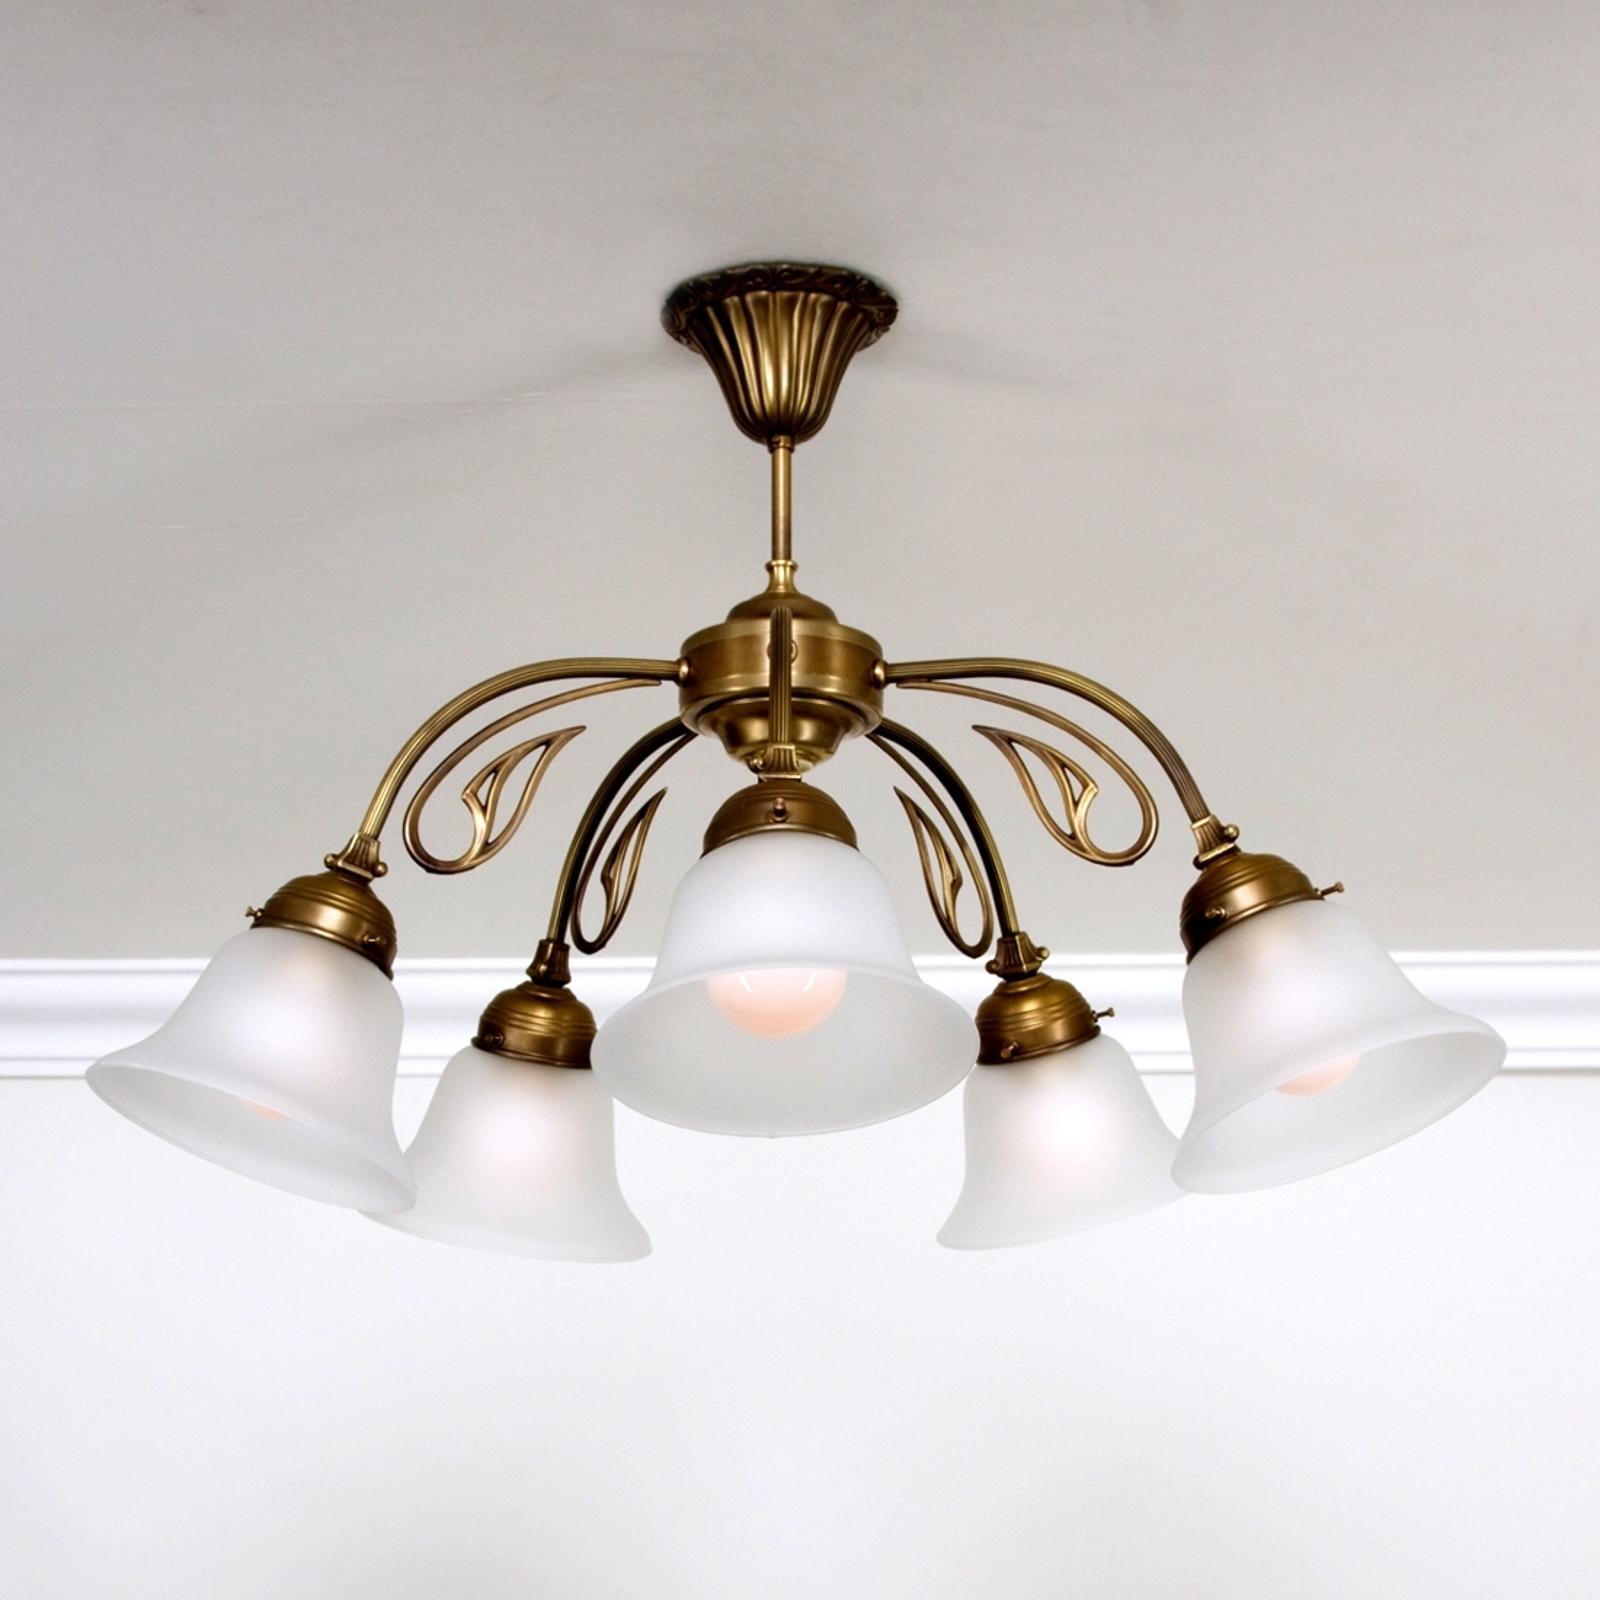 Päť-plameňové stropné svietidlo OLGA mosadz_1542029_1